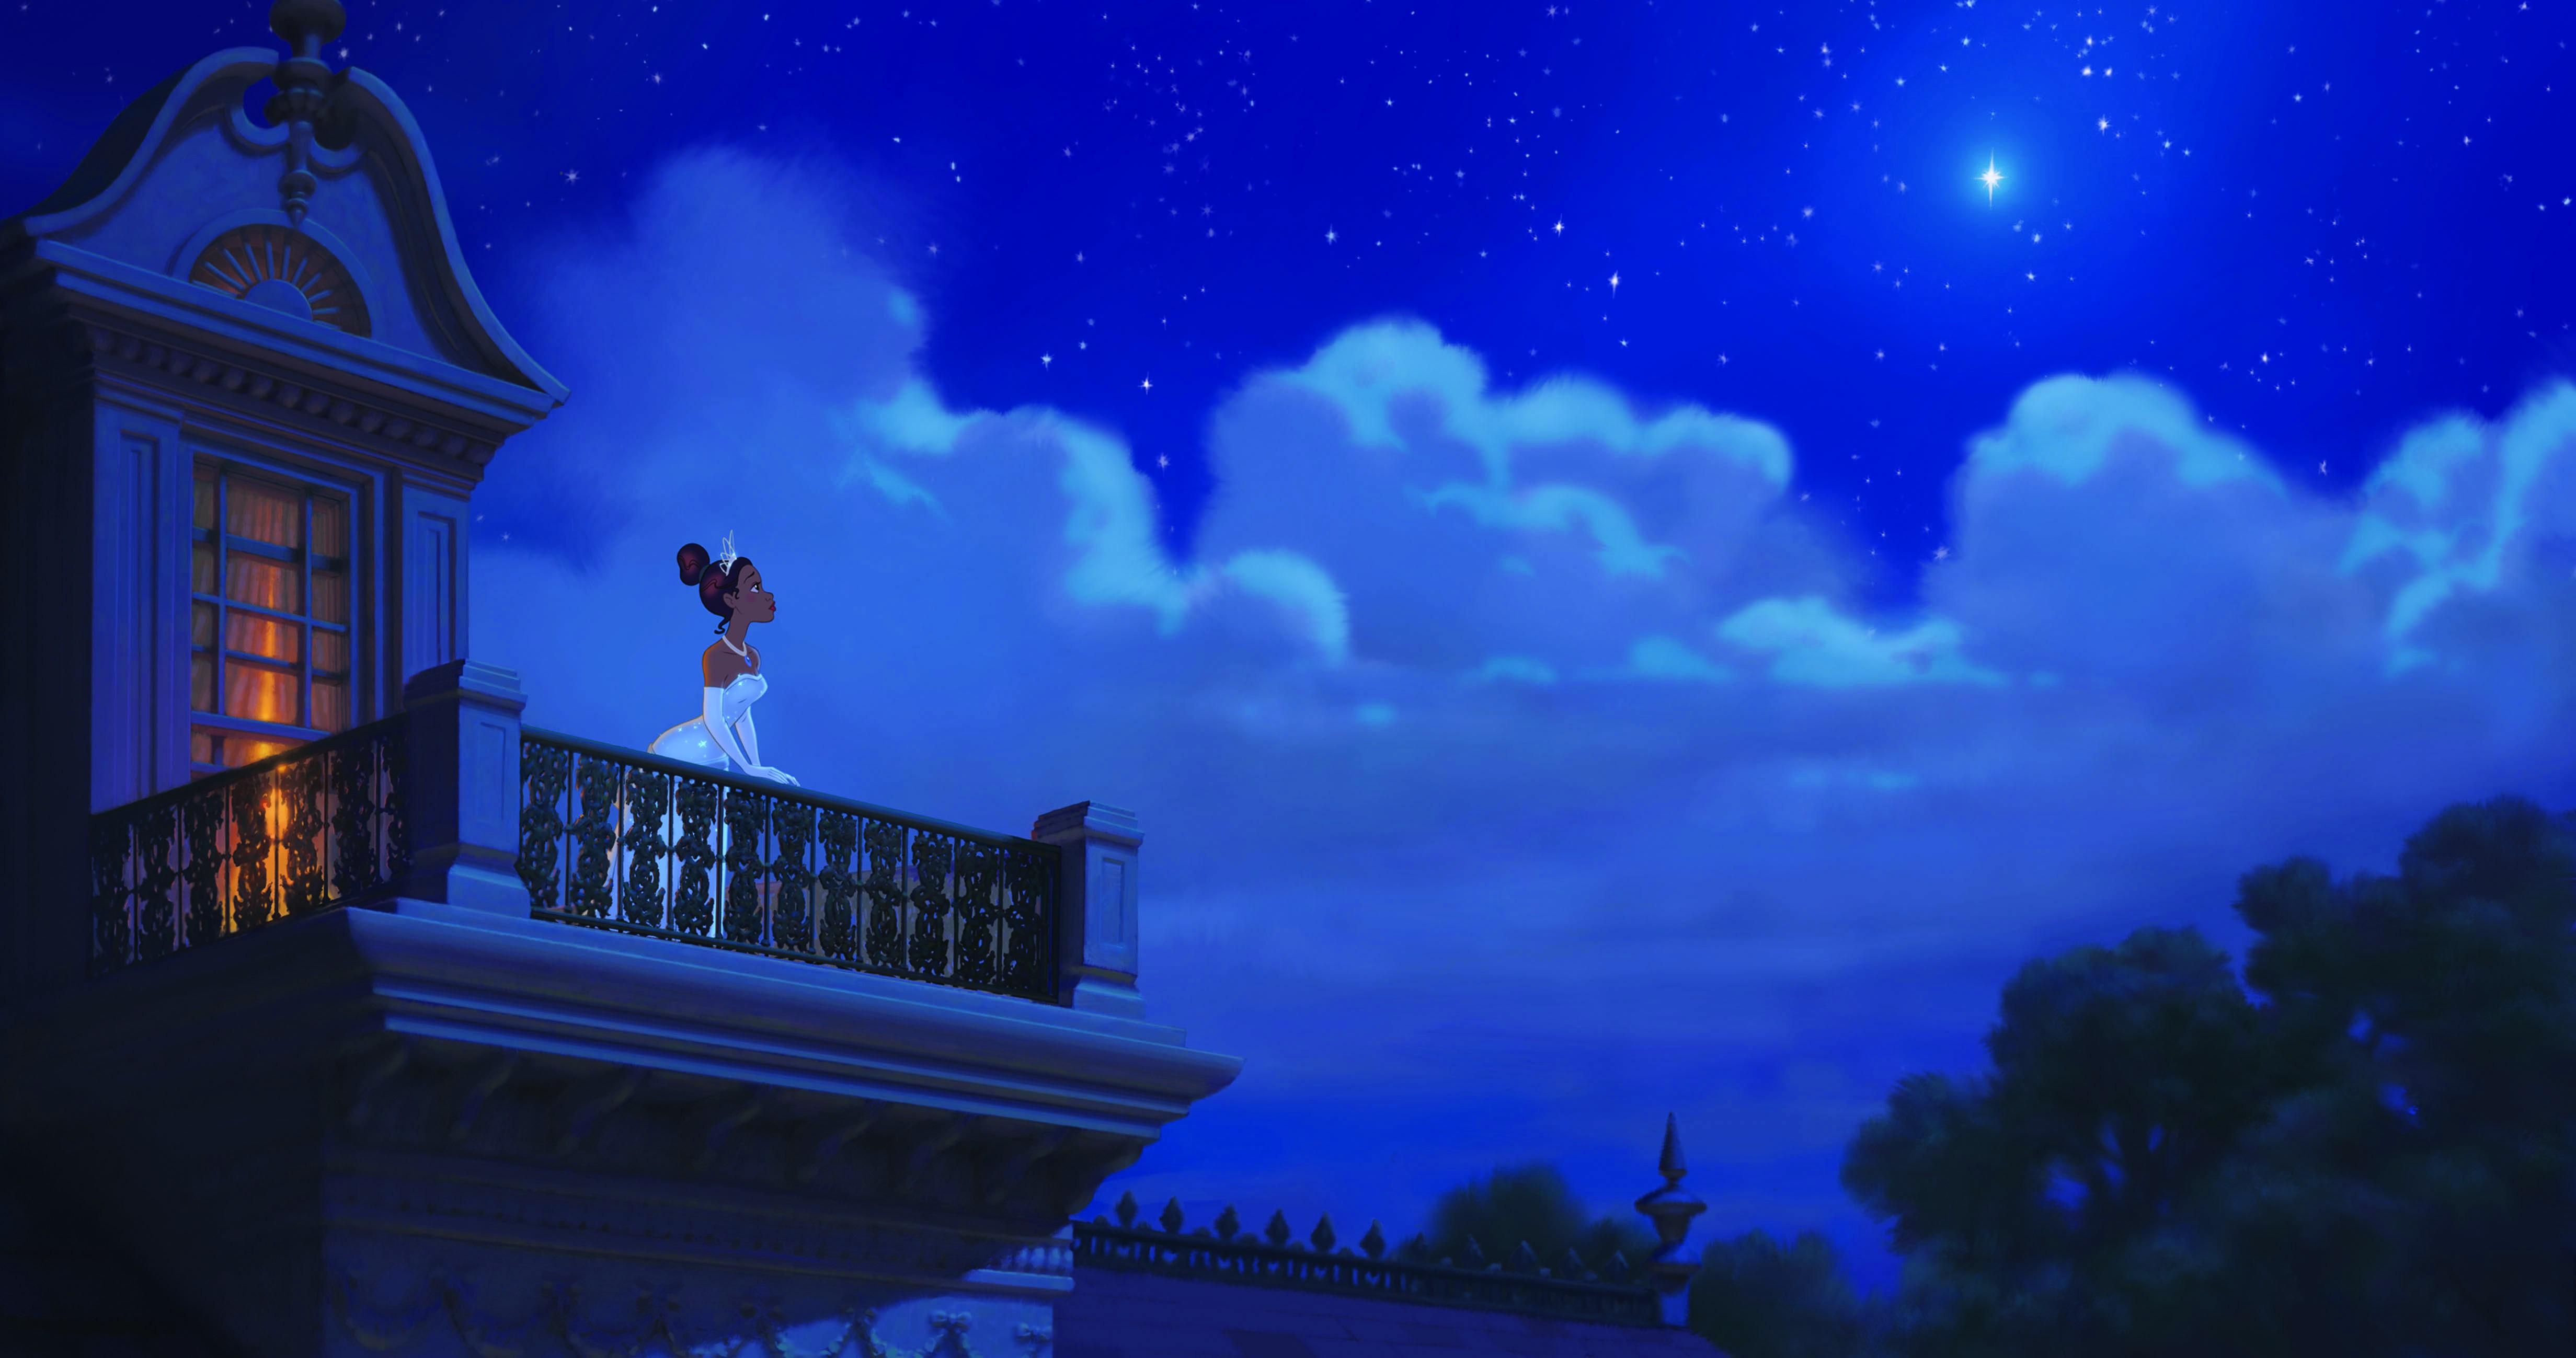 Un wallpaper de La principessa e il ranocchio con una suggestiva scena del film